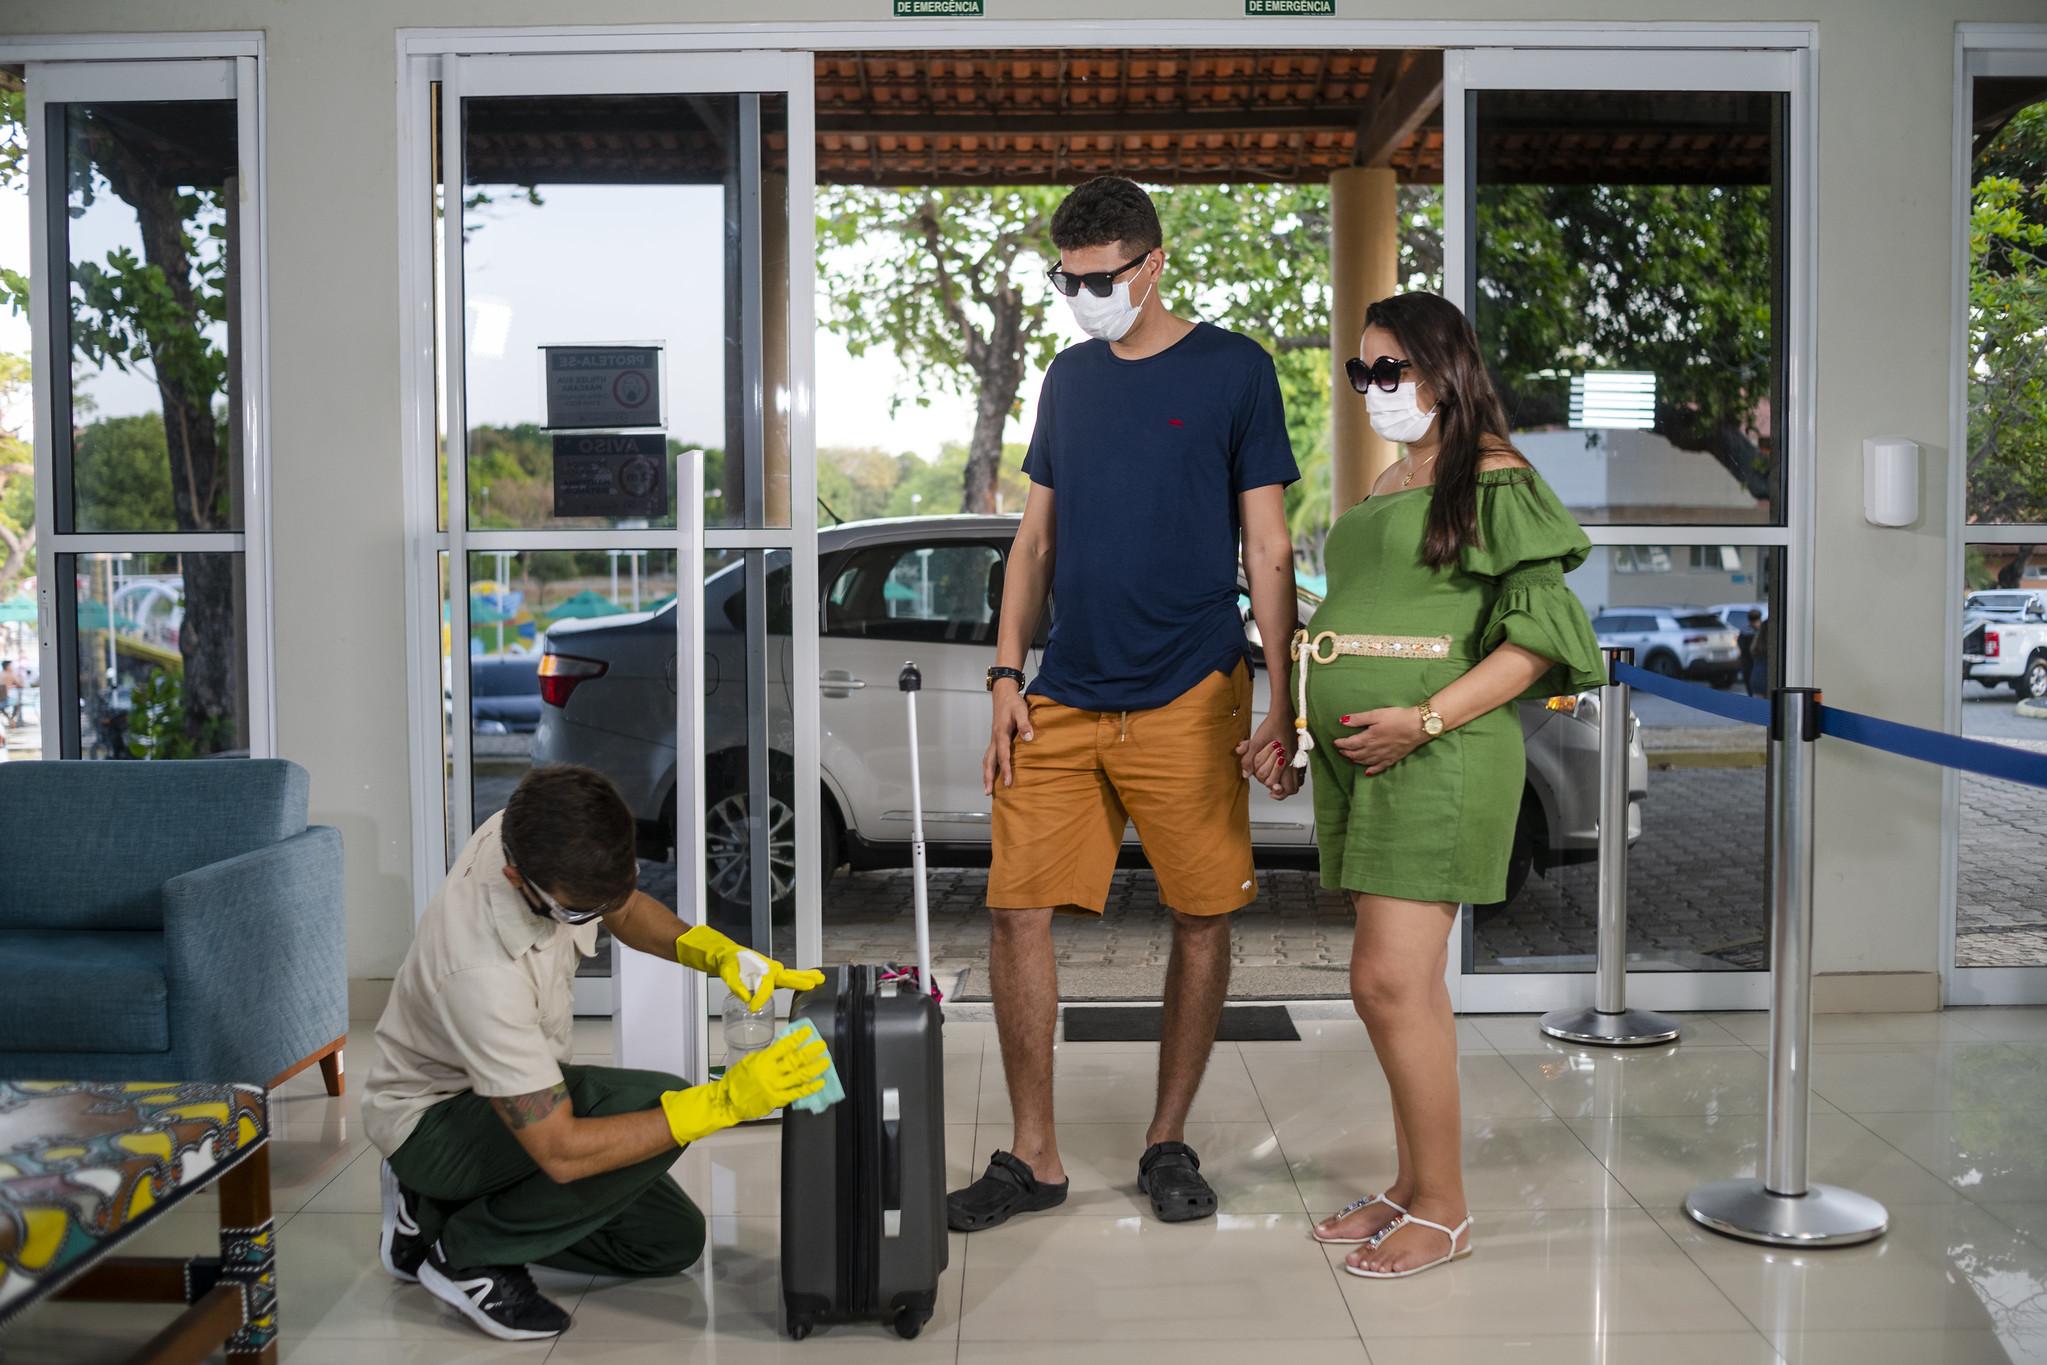 Hotéis certificados aliam lazer e segurança durante a pandemia